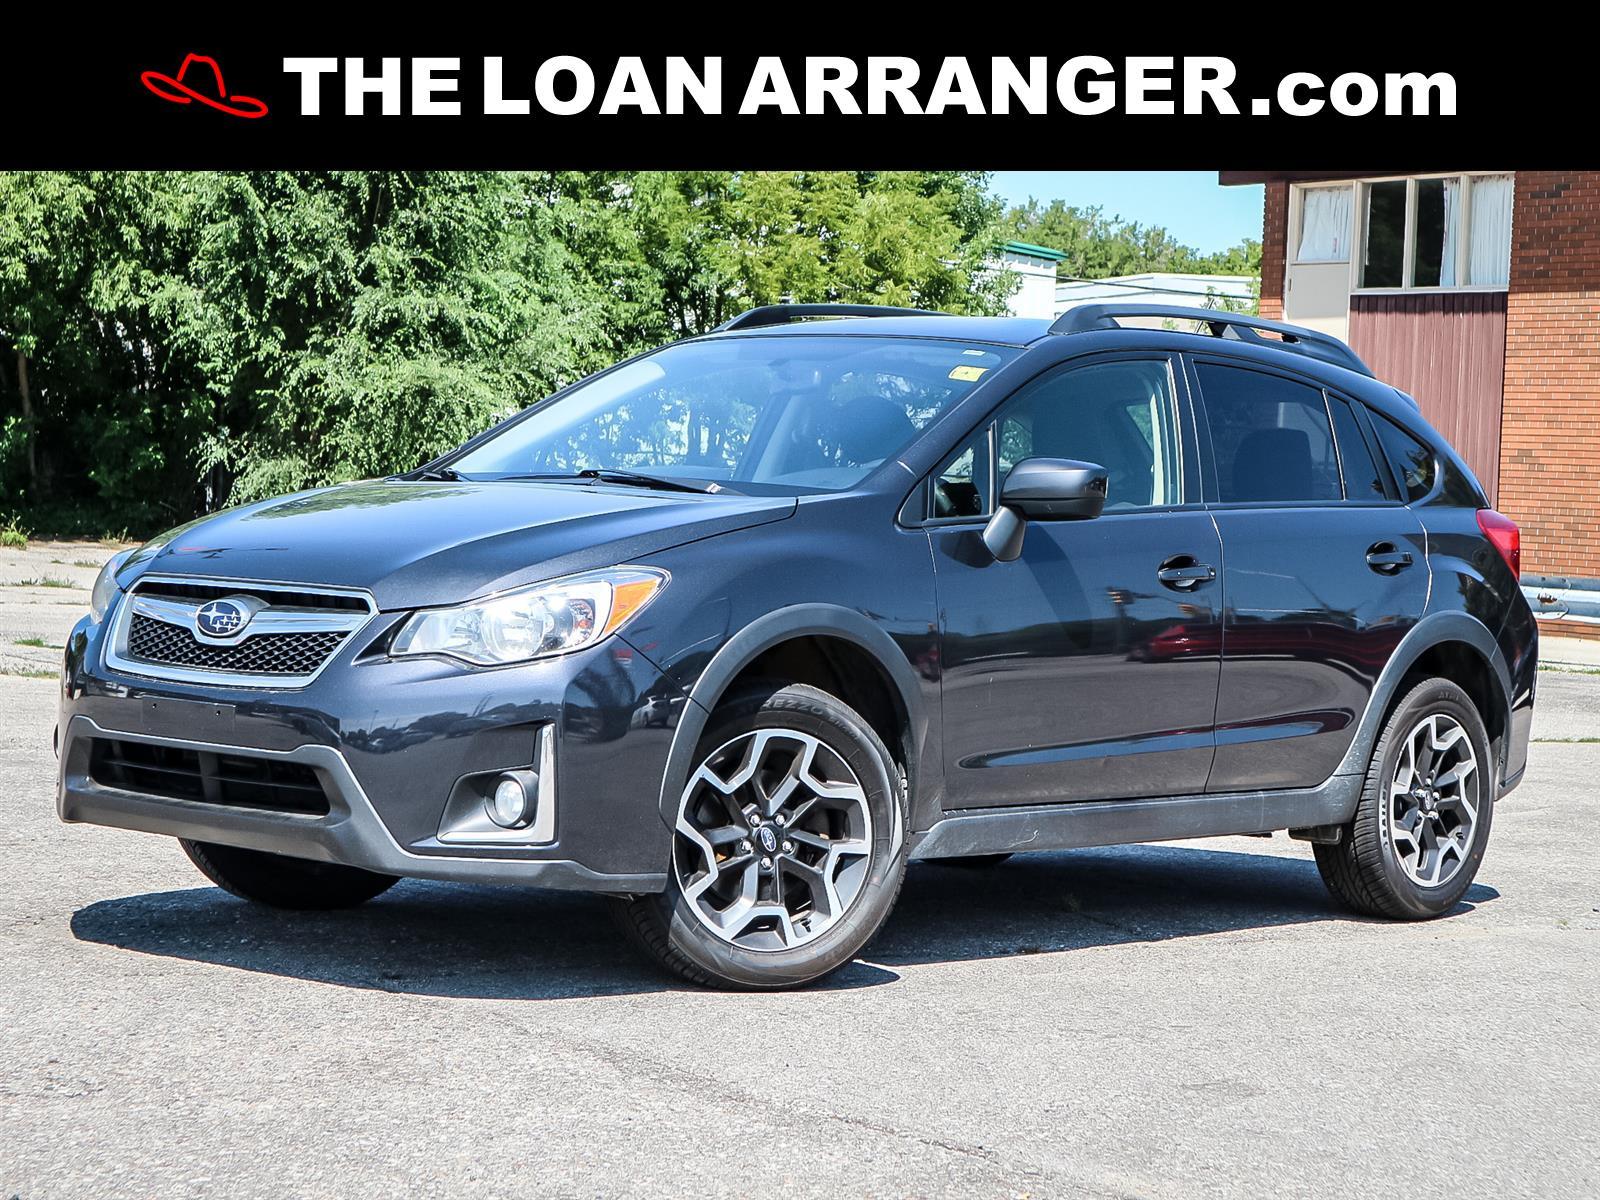 used 2016 Subaru Crosstrek car